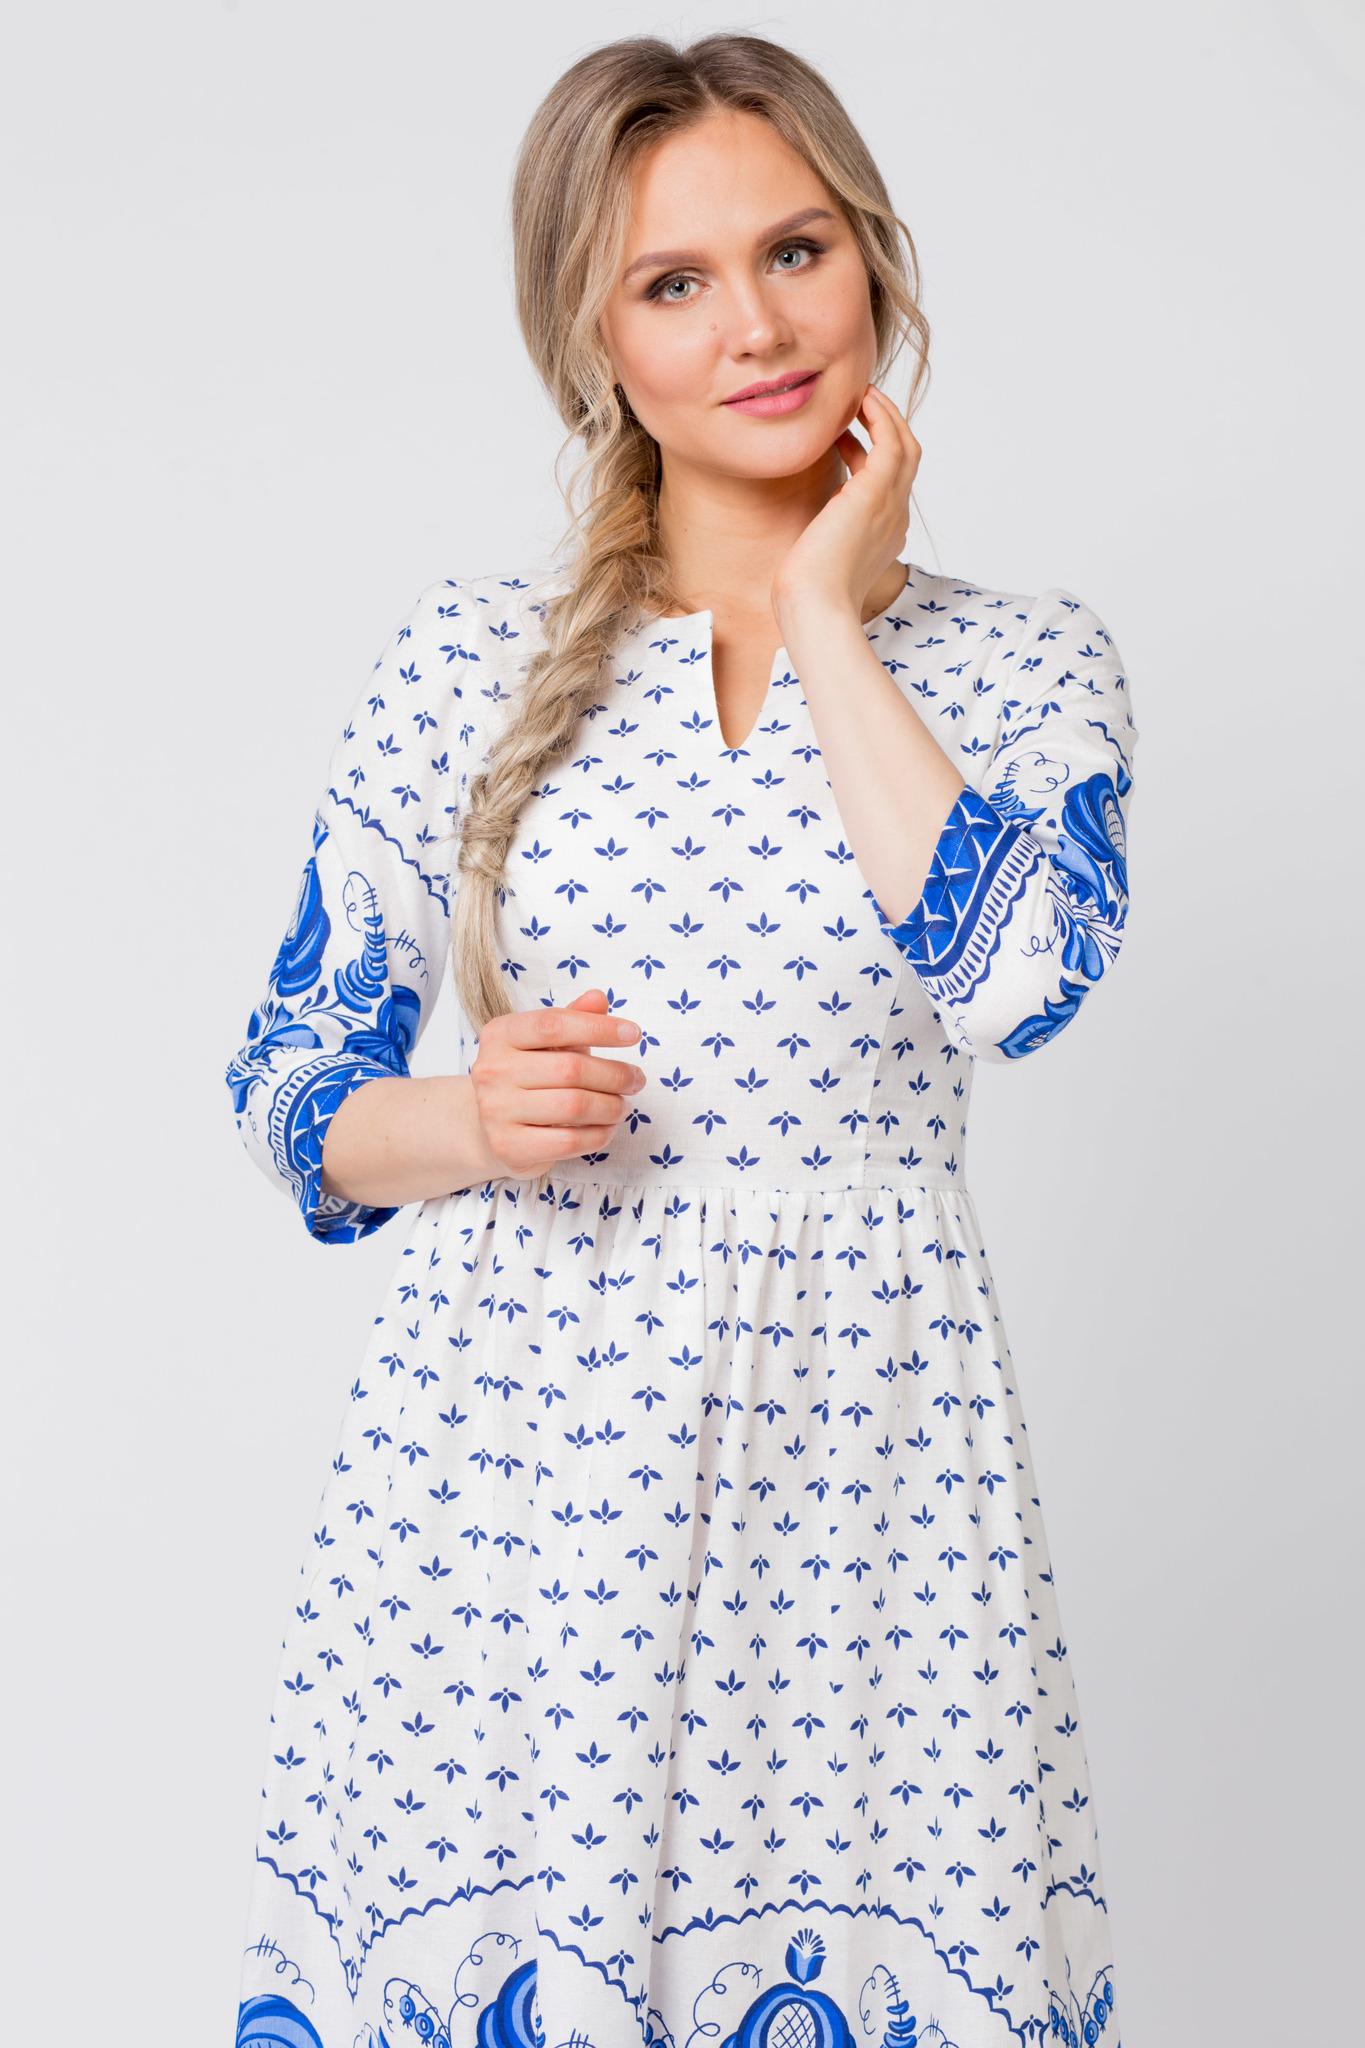 Платье Сказочная гжель приближенный фрагмент